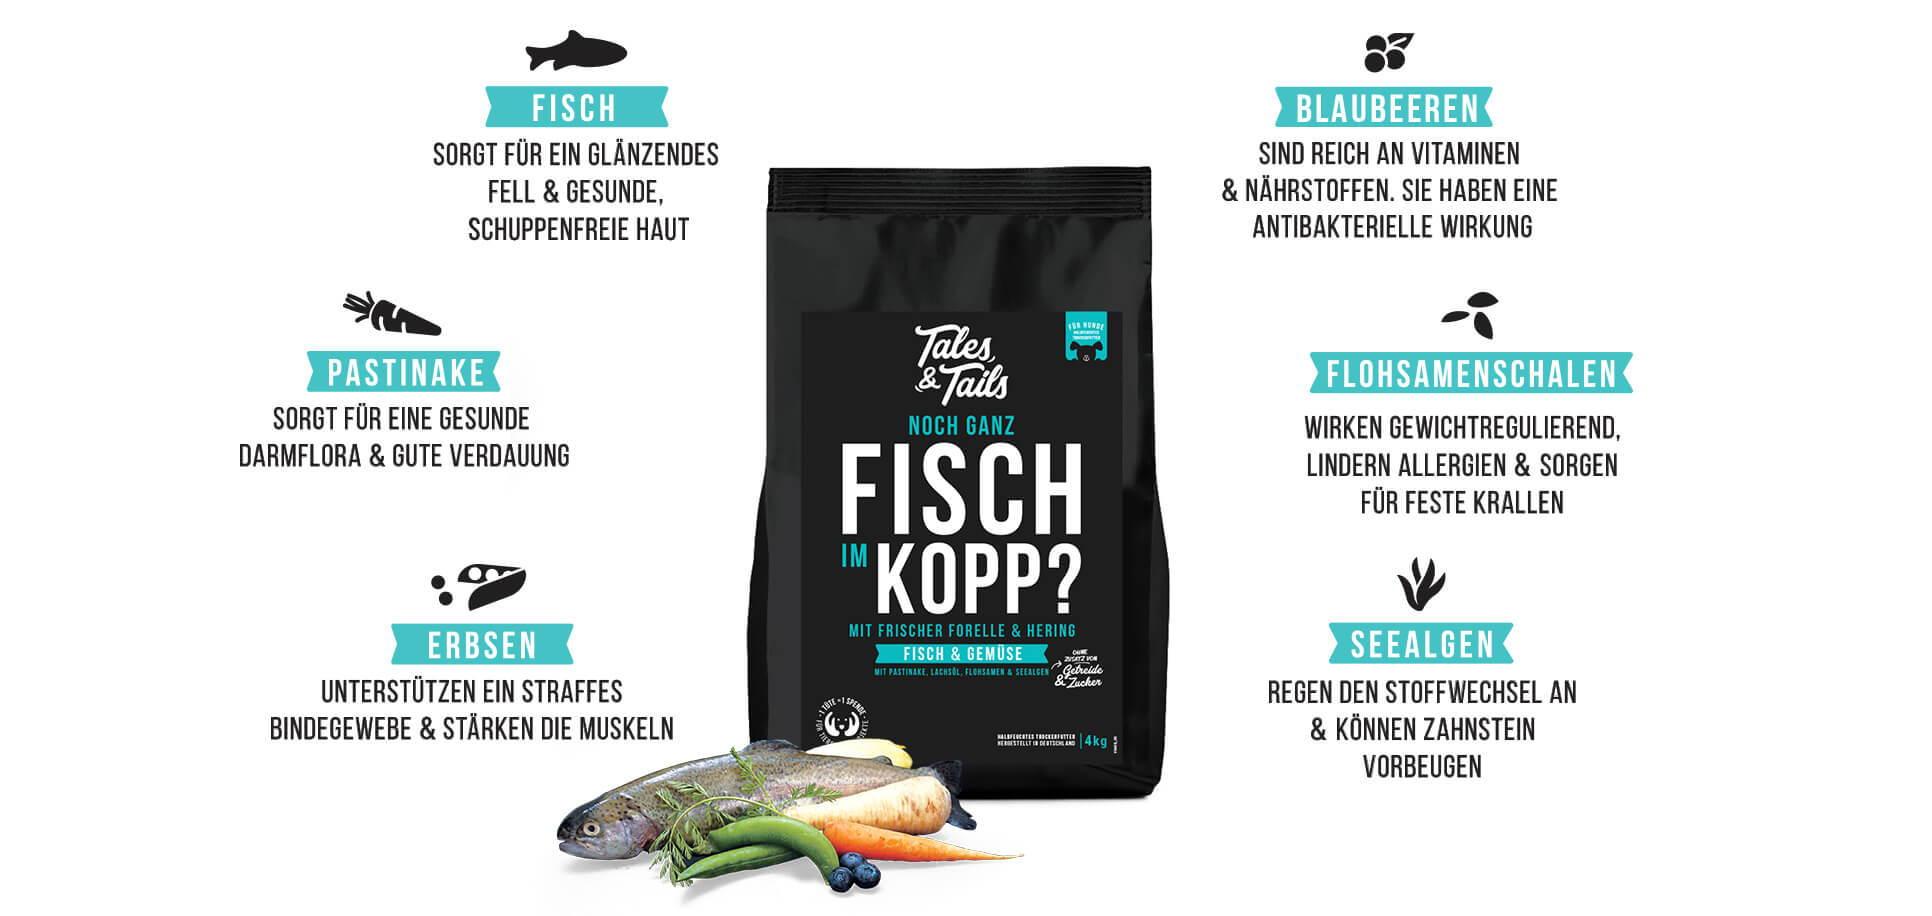 Softes Trockenfutter mit Fisch für Hunde - gesunde Inhaltsstoffe